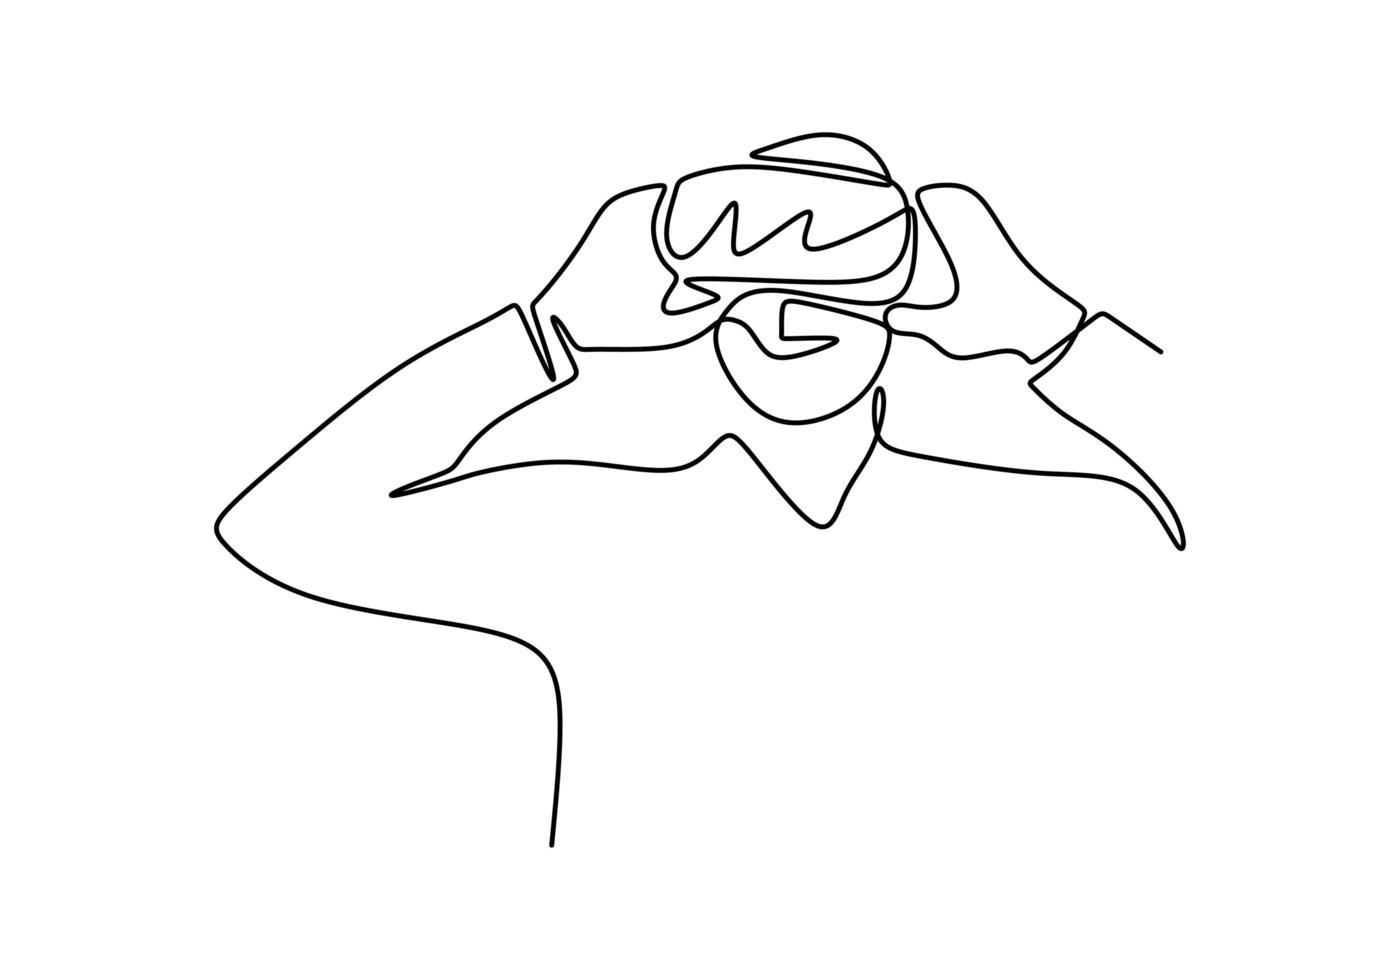 eine Linie kontinuierliche Zeichnung Mann in Brille Gerät virtuelle Realität, Vektor-Illustration Einfachheit. Handgezeichnete elektronische Zukunftstechnologie des Minimalismus. vektor